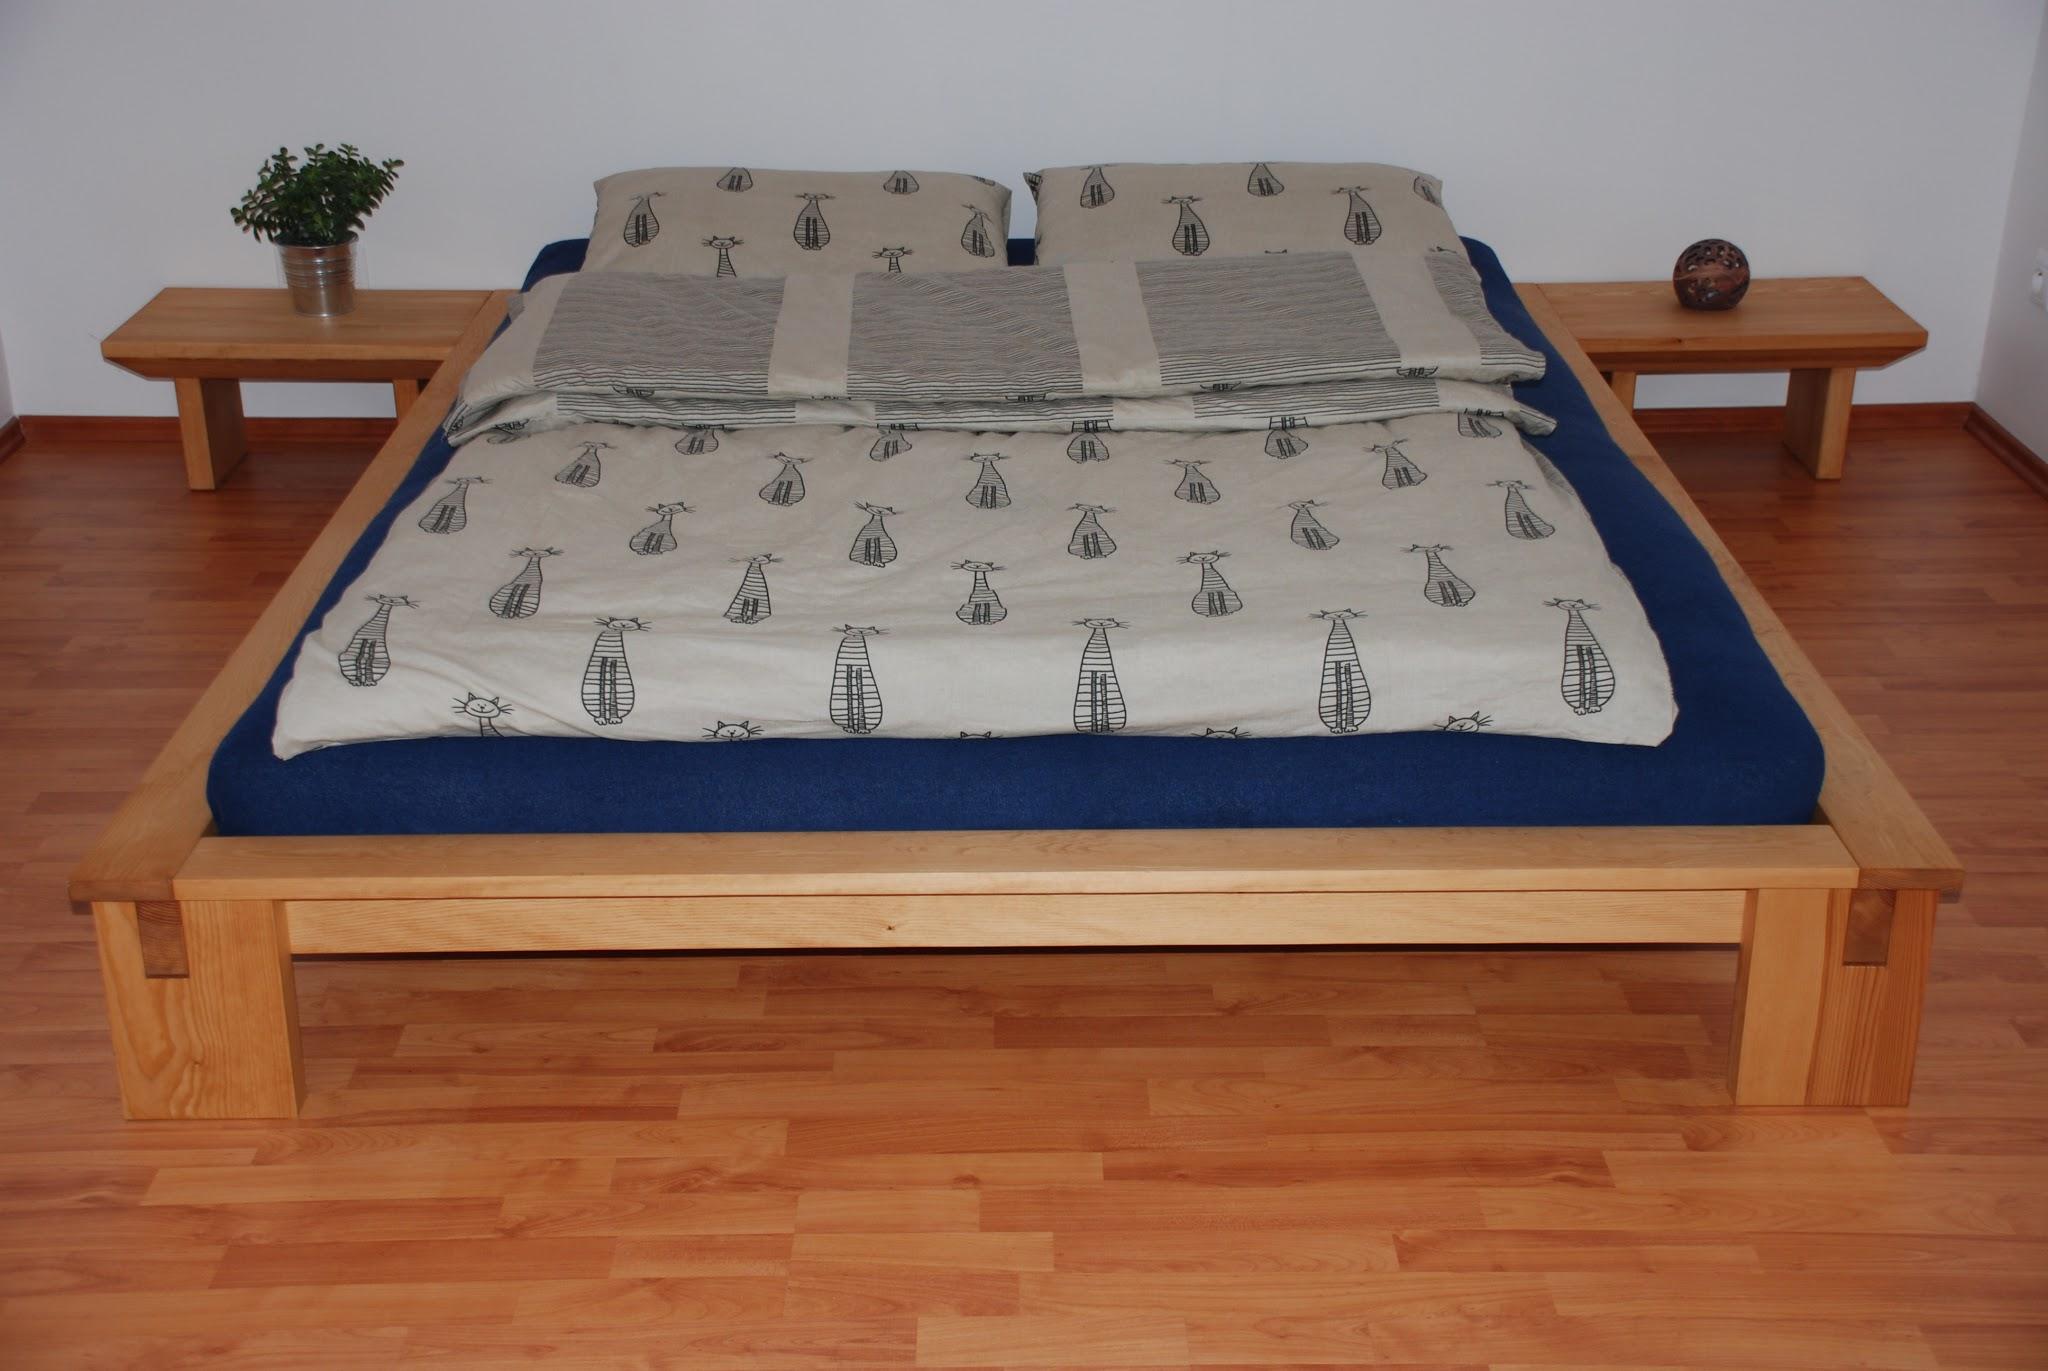 Stunning Vyr b me postel Matsu masiv borovice futon bavlna vlna kokos Kidokai home